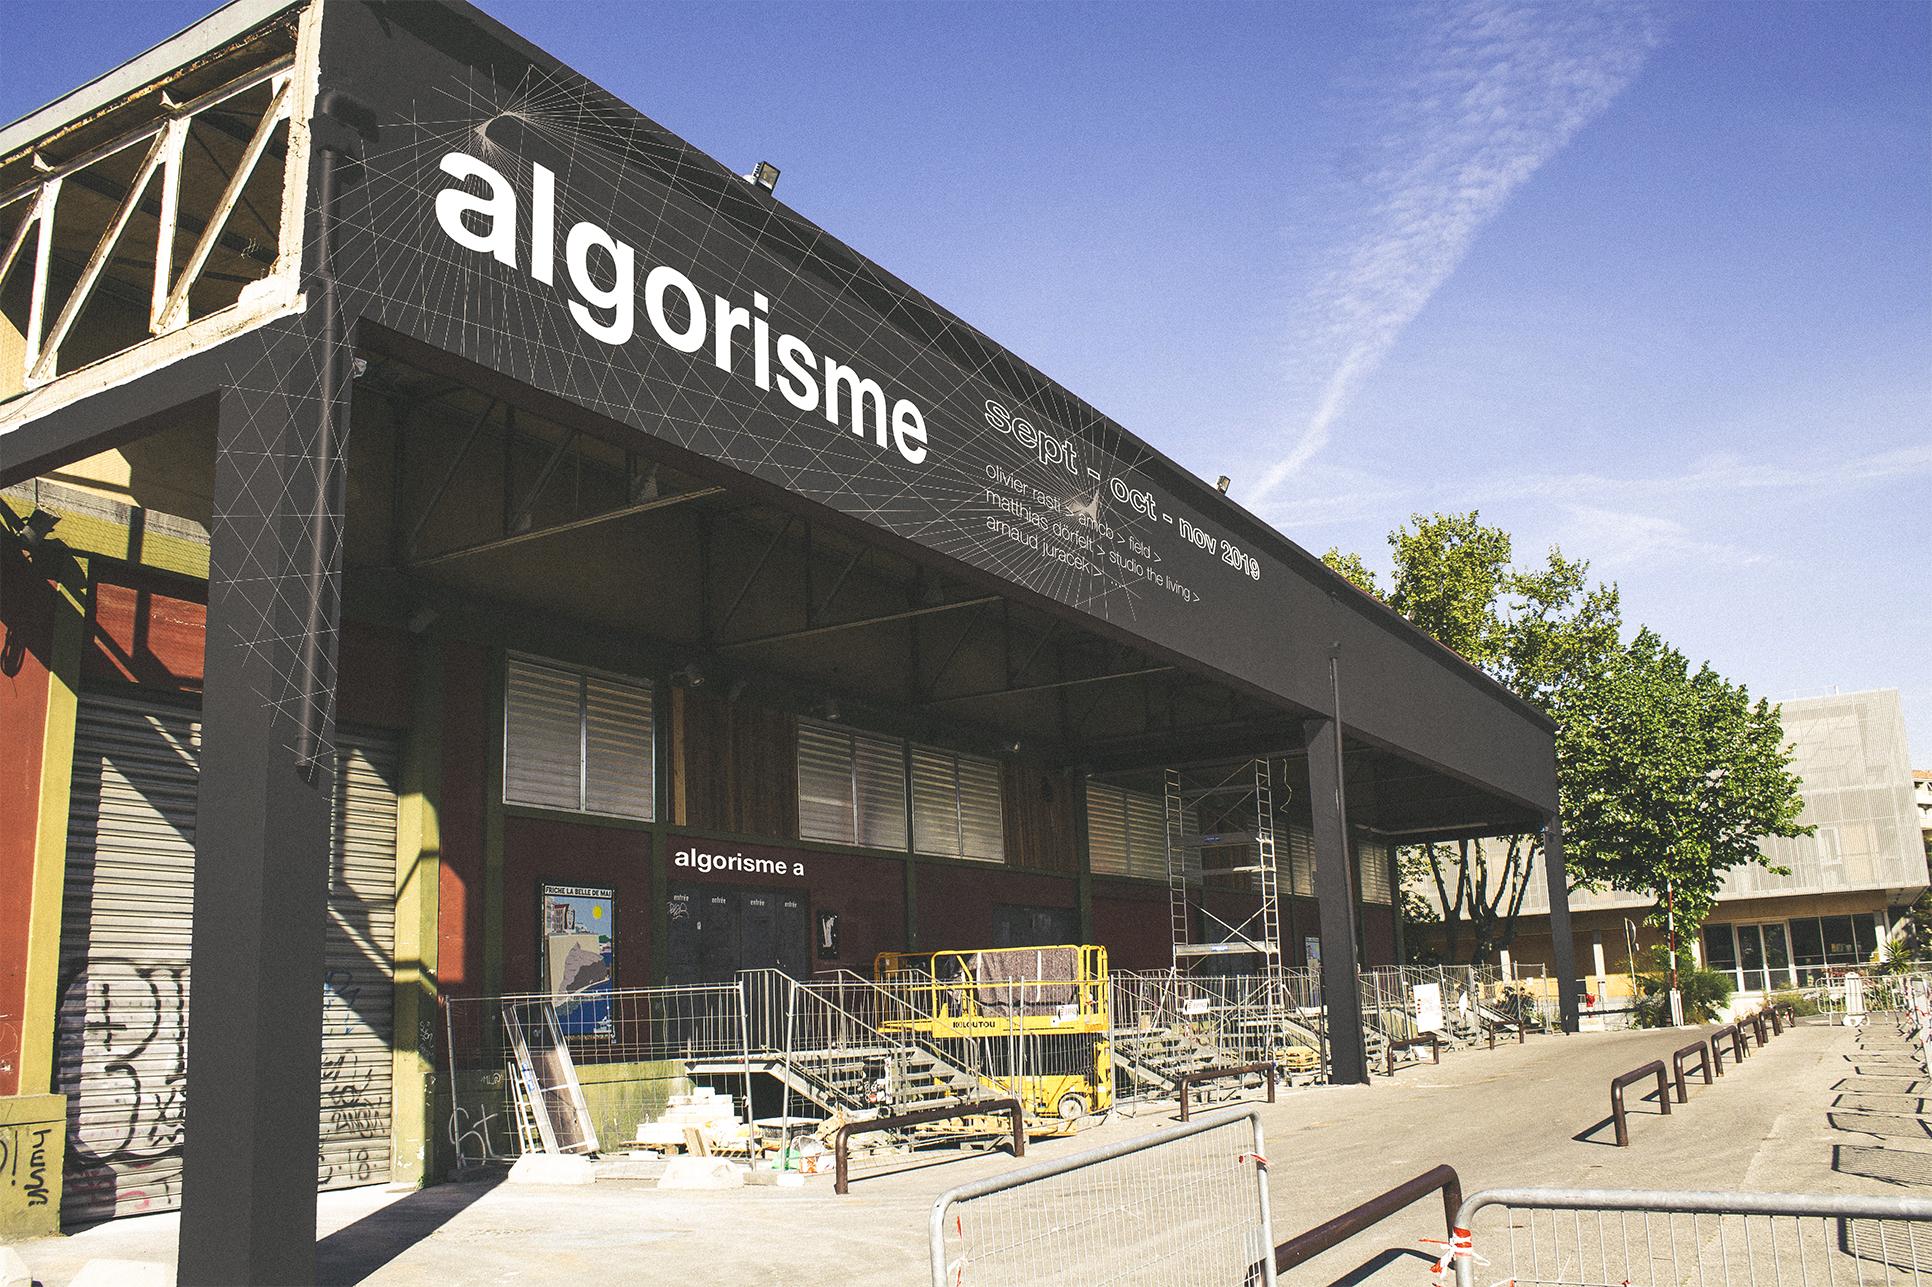 Signalétique de l'algorisme a : lieu d'exposition physique à Marseille